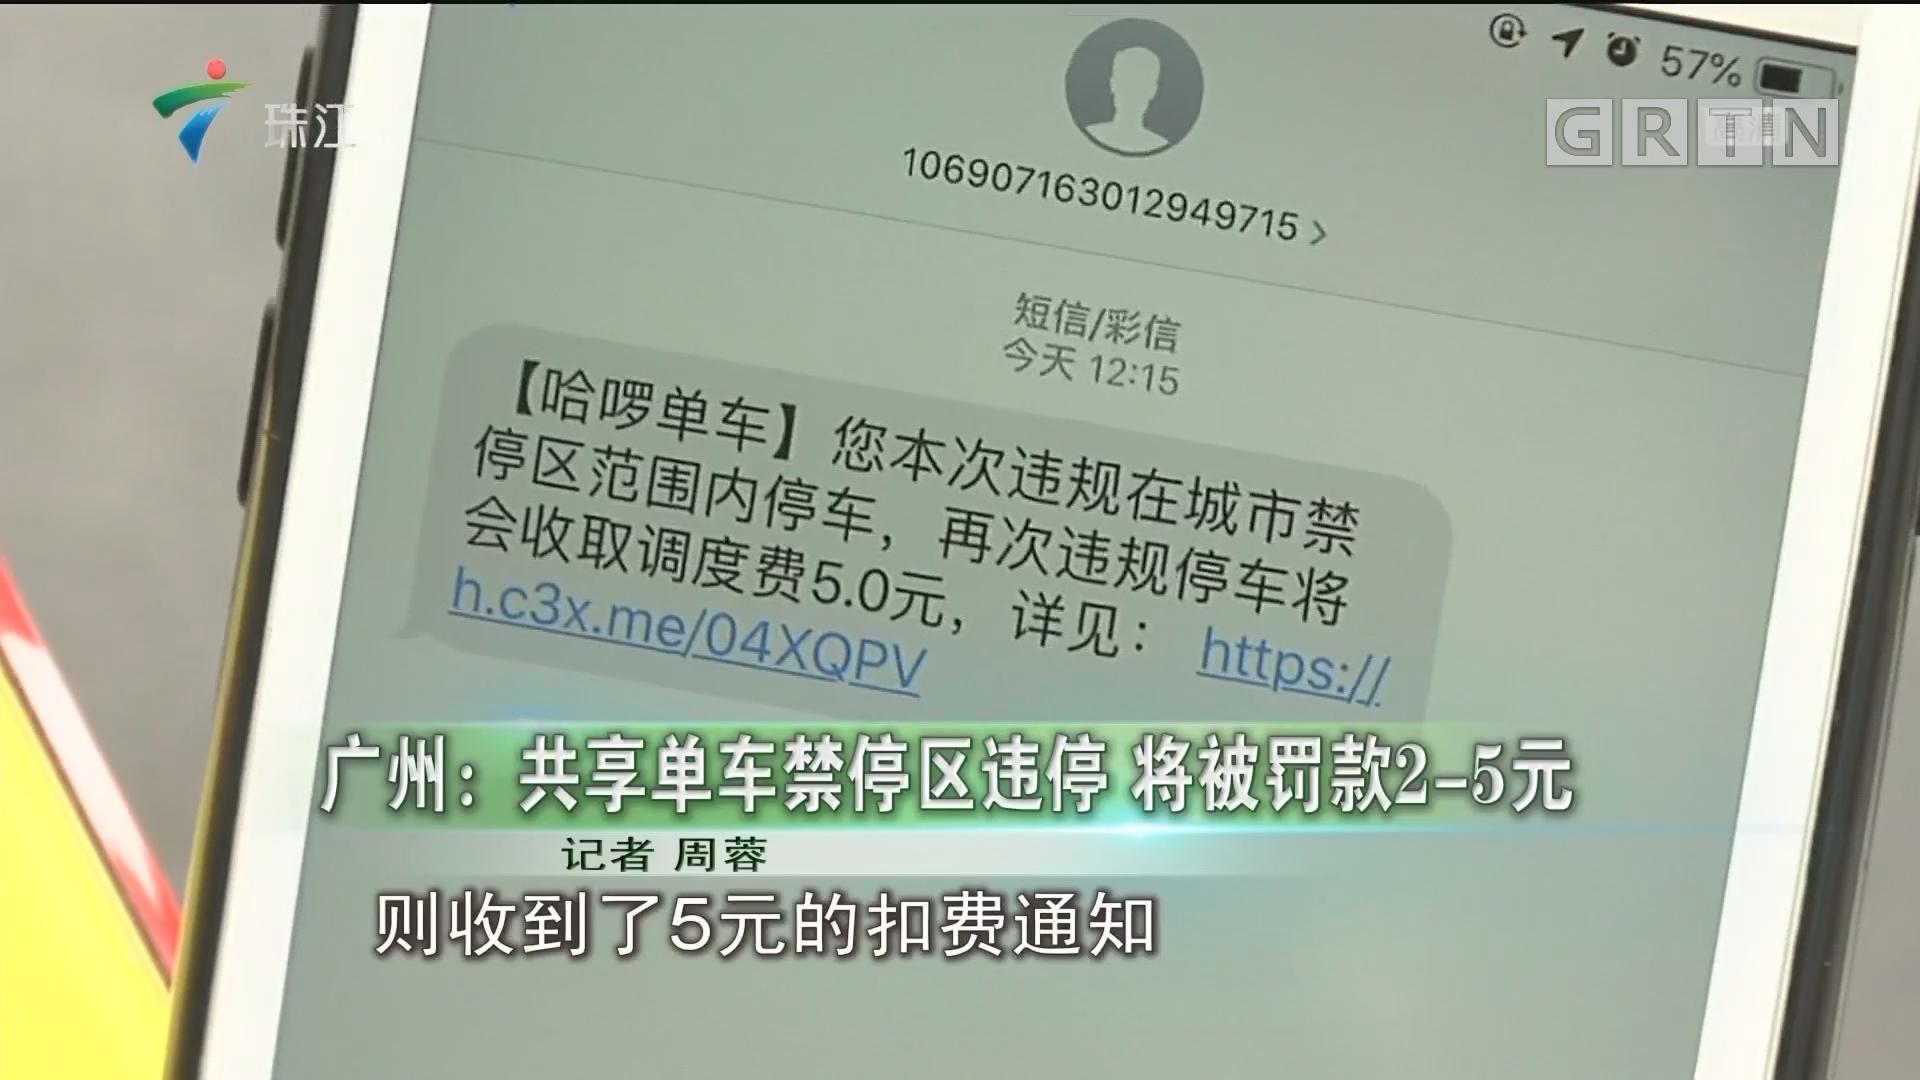 广州:共享单车禁停区违停 将被罚款2-5元